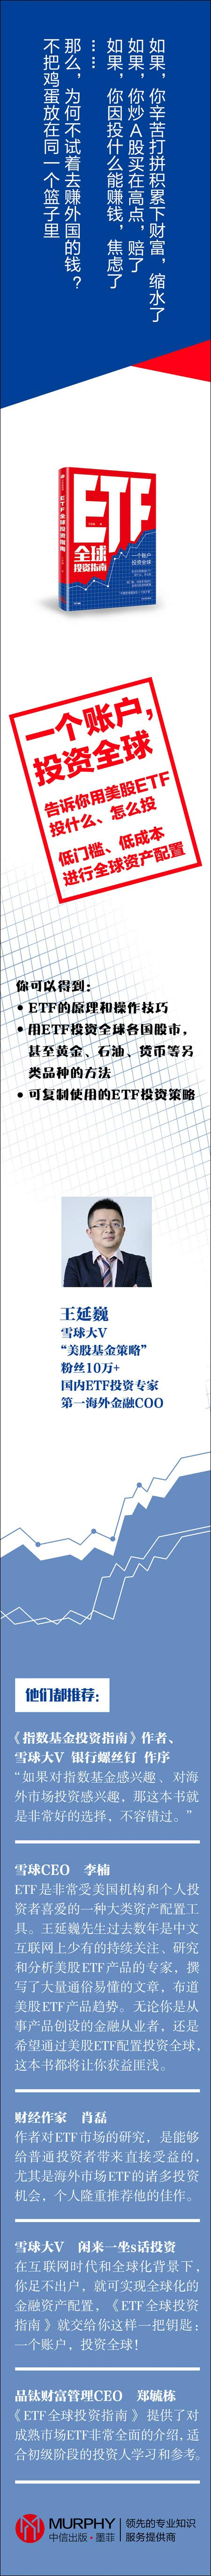 《ETF全球投资指南》王延巍 epub+mobi+azw3下载